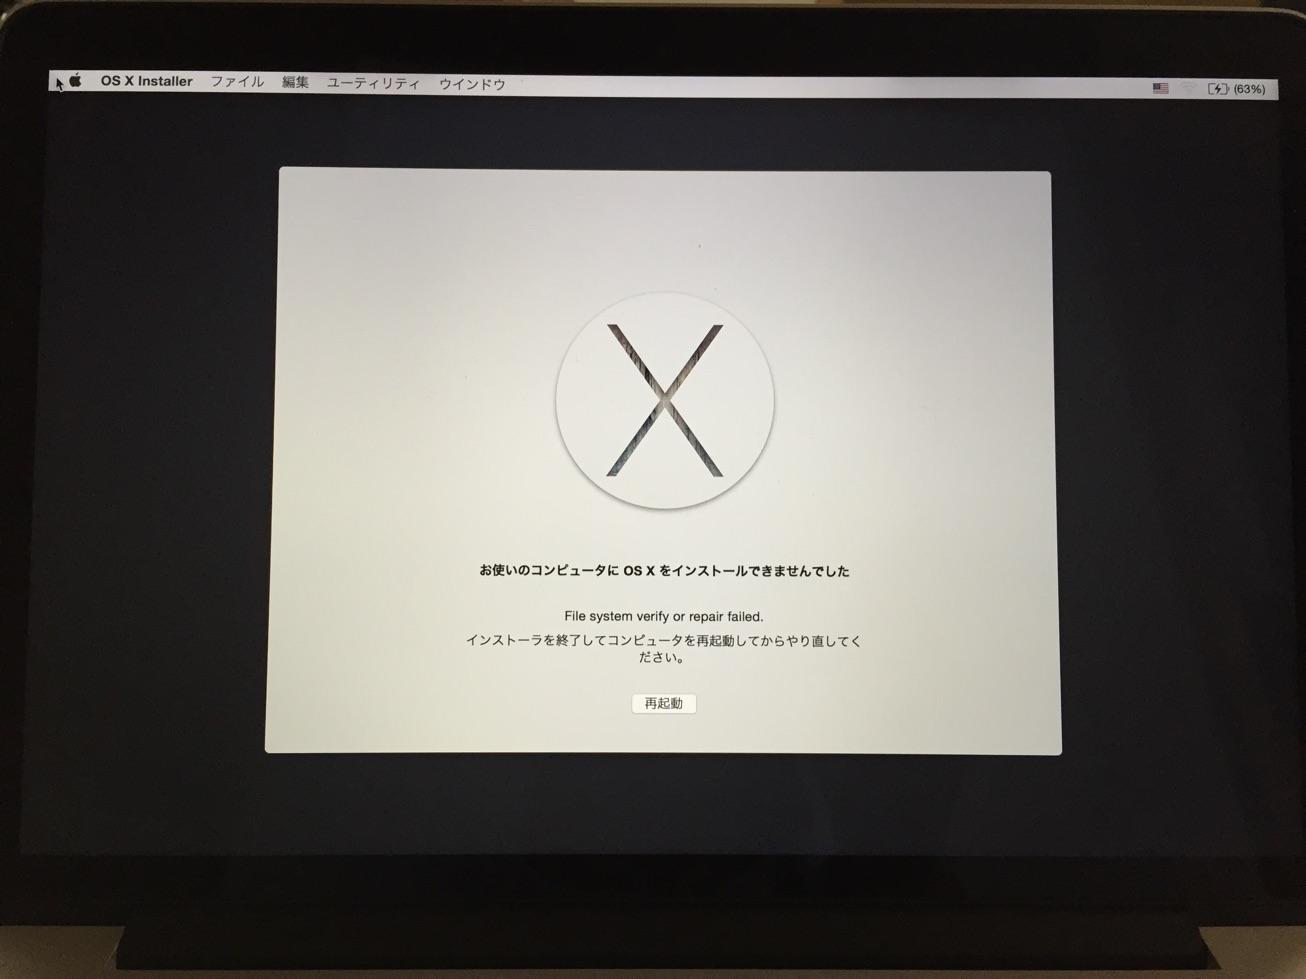 【Mac】OSのアップデートに失敗し、元のOSにも戻せないときの対処法